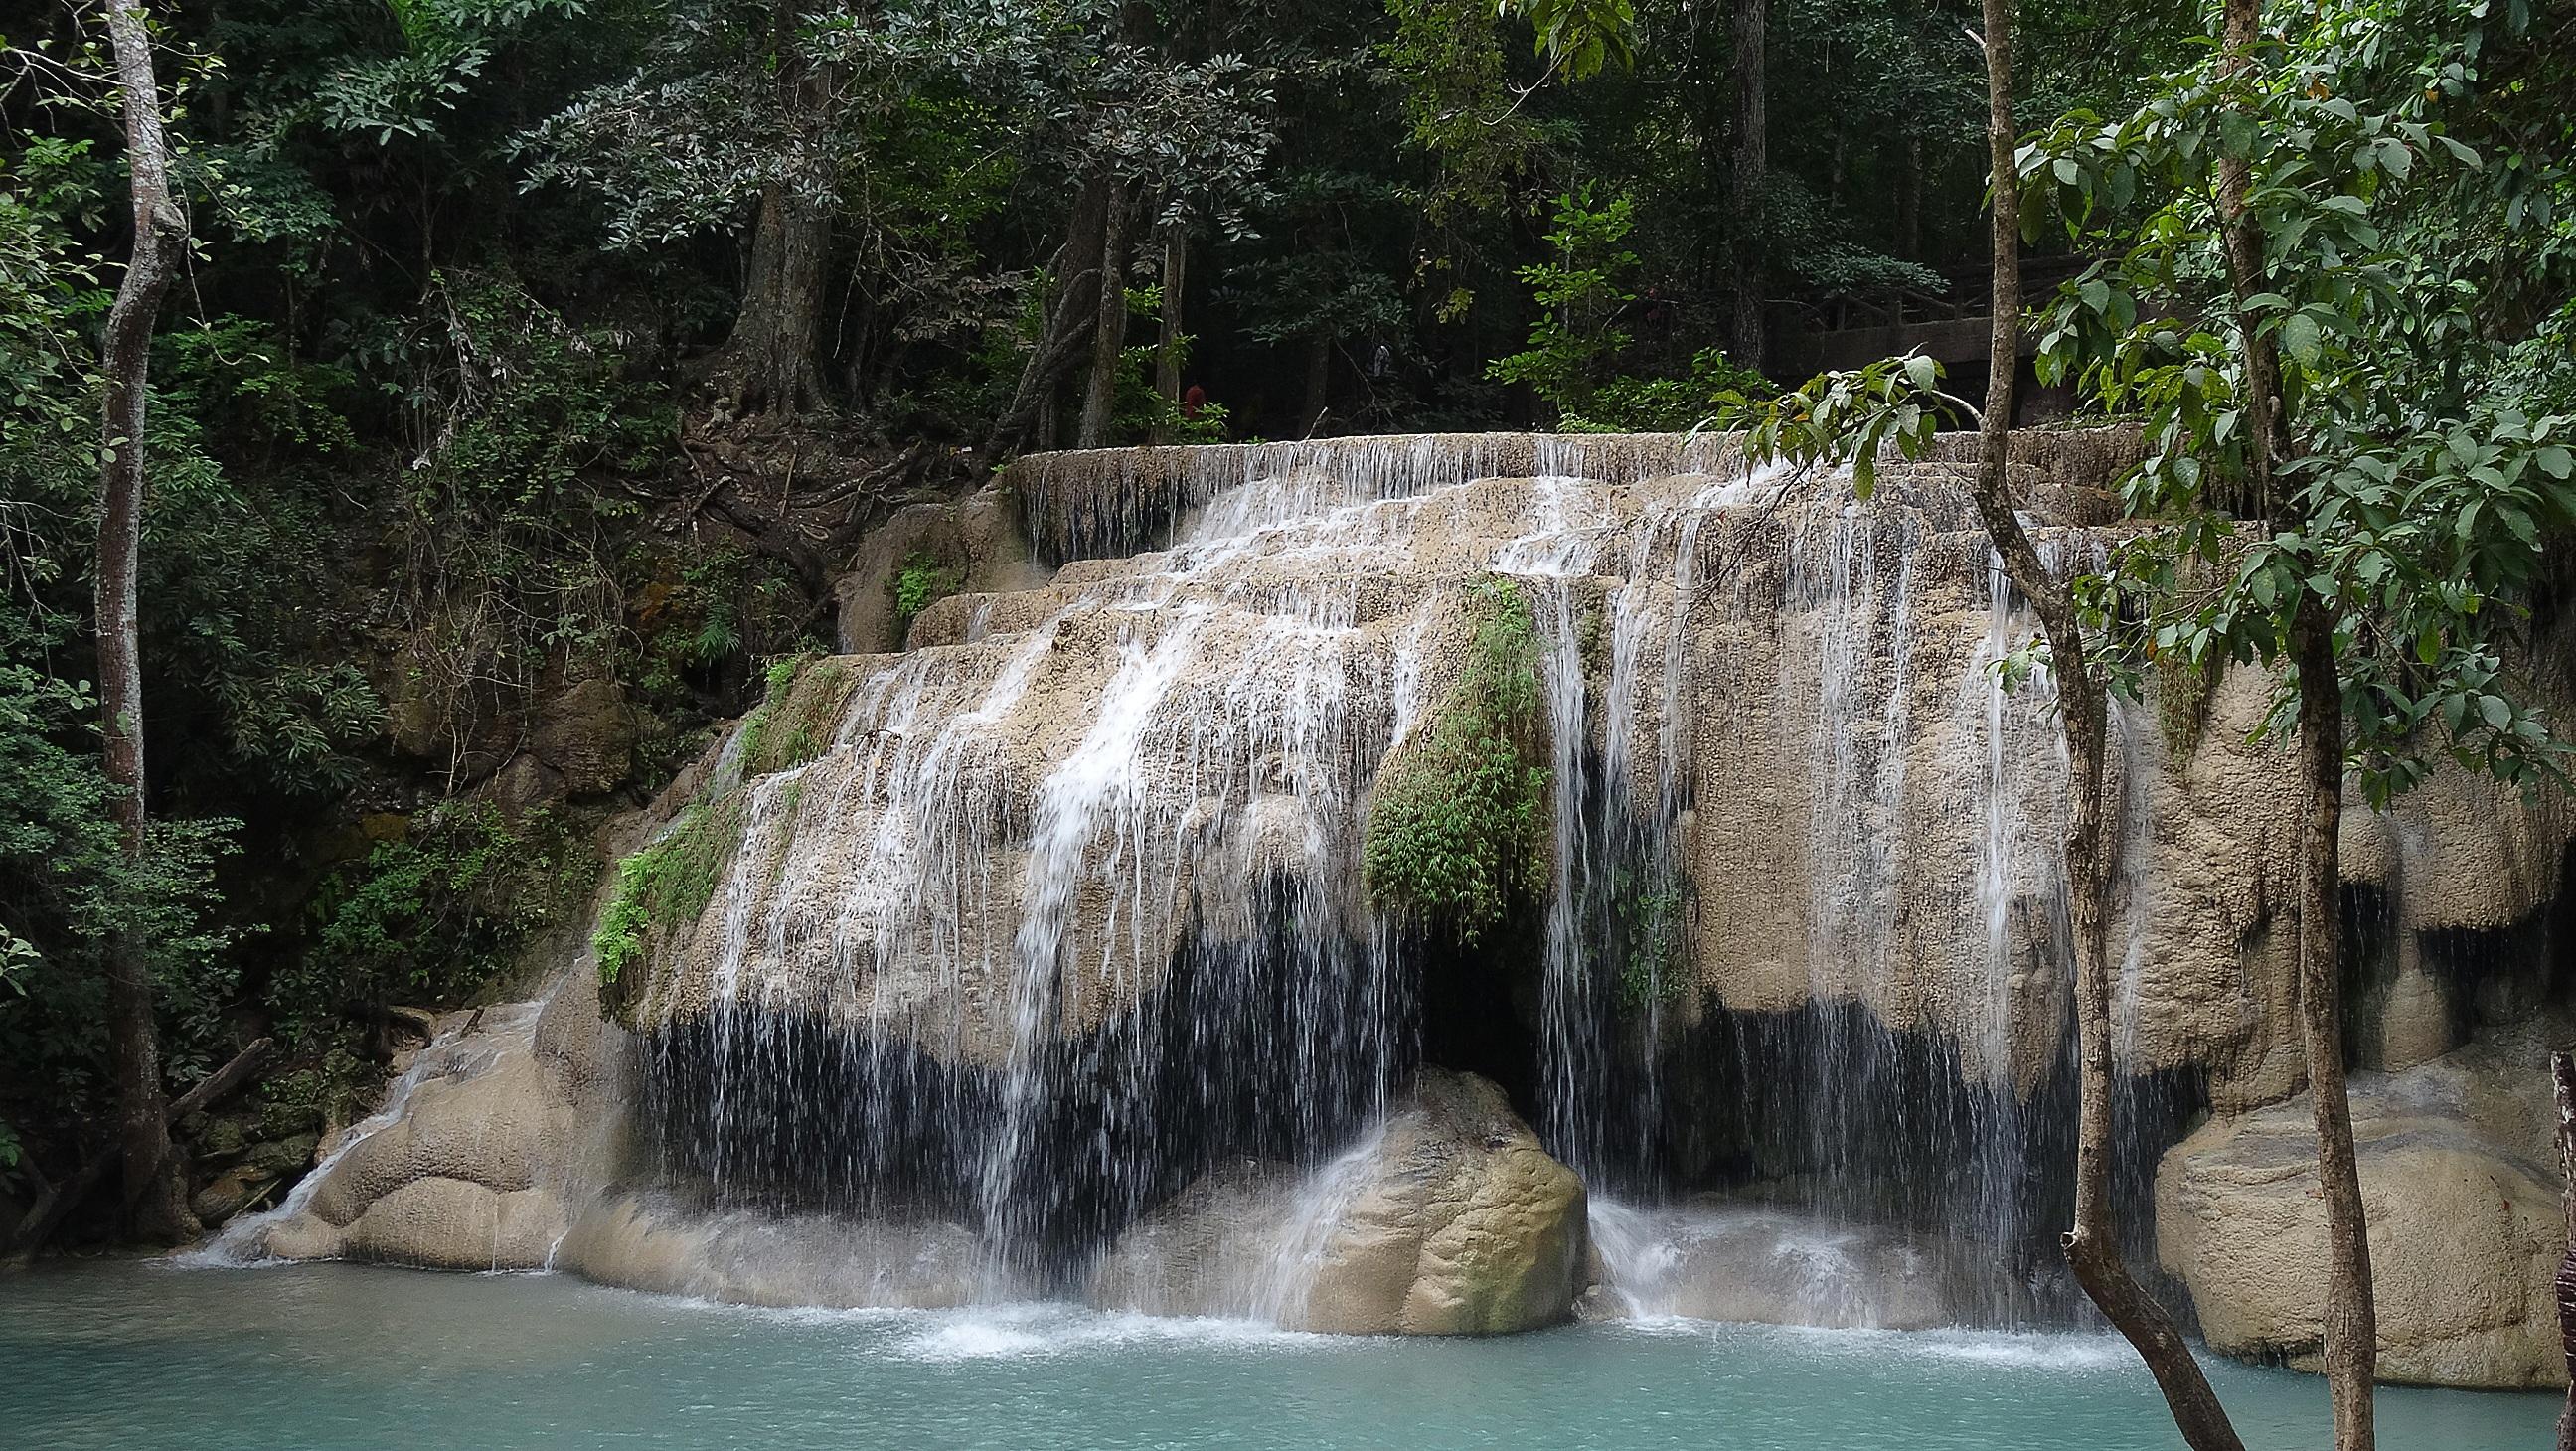 pád rieky pripojiť cukor otecko datovania stránky Dr Phil